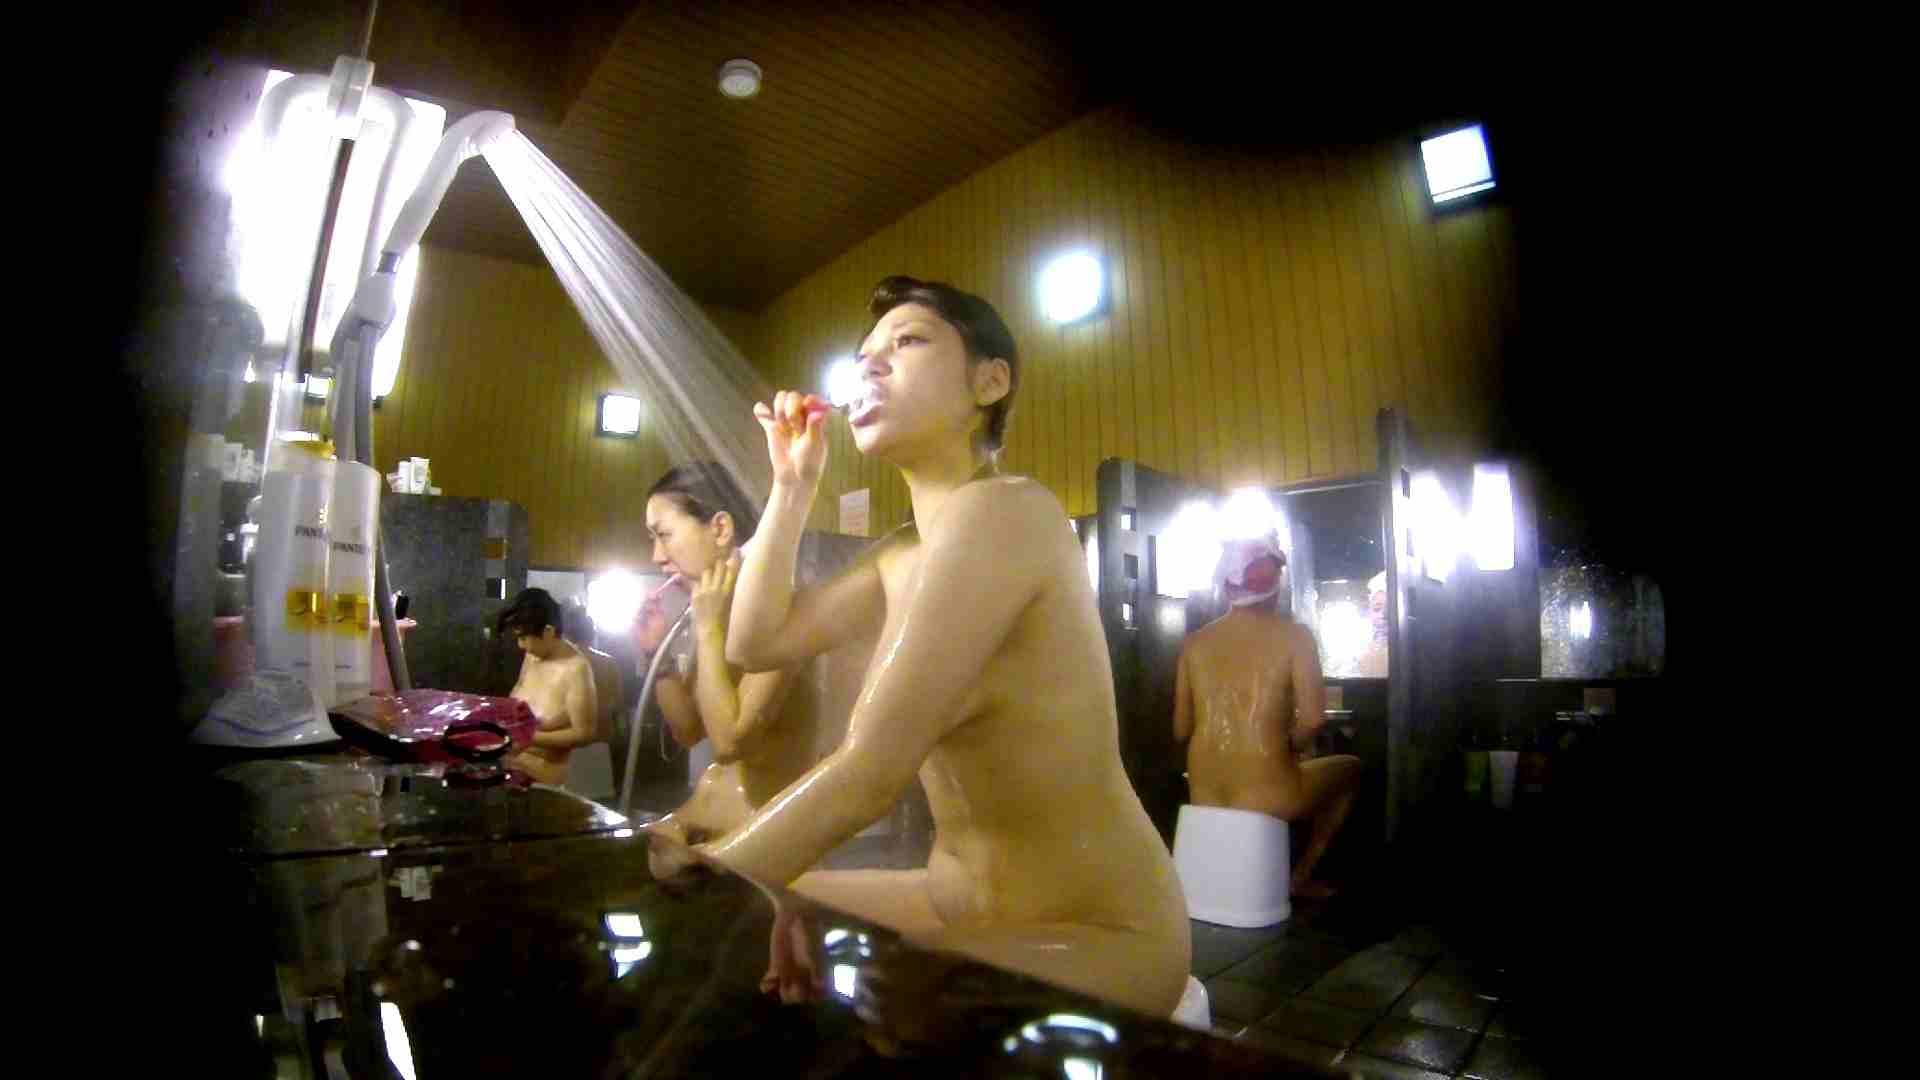 洗い場!柔らかそうな身体は良いけど、歯磨きが下品です。 潜入 | 女湯  107画像 36